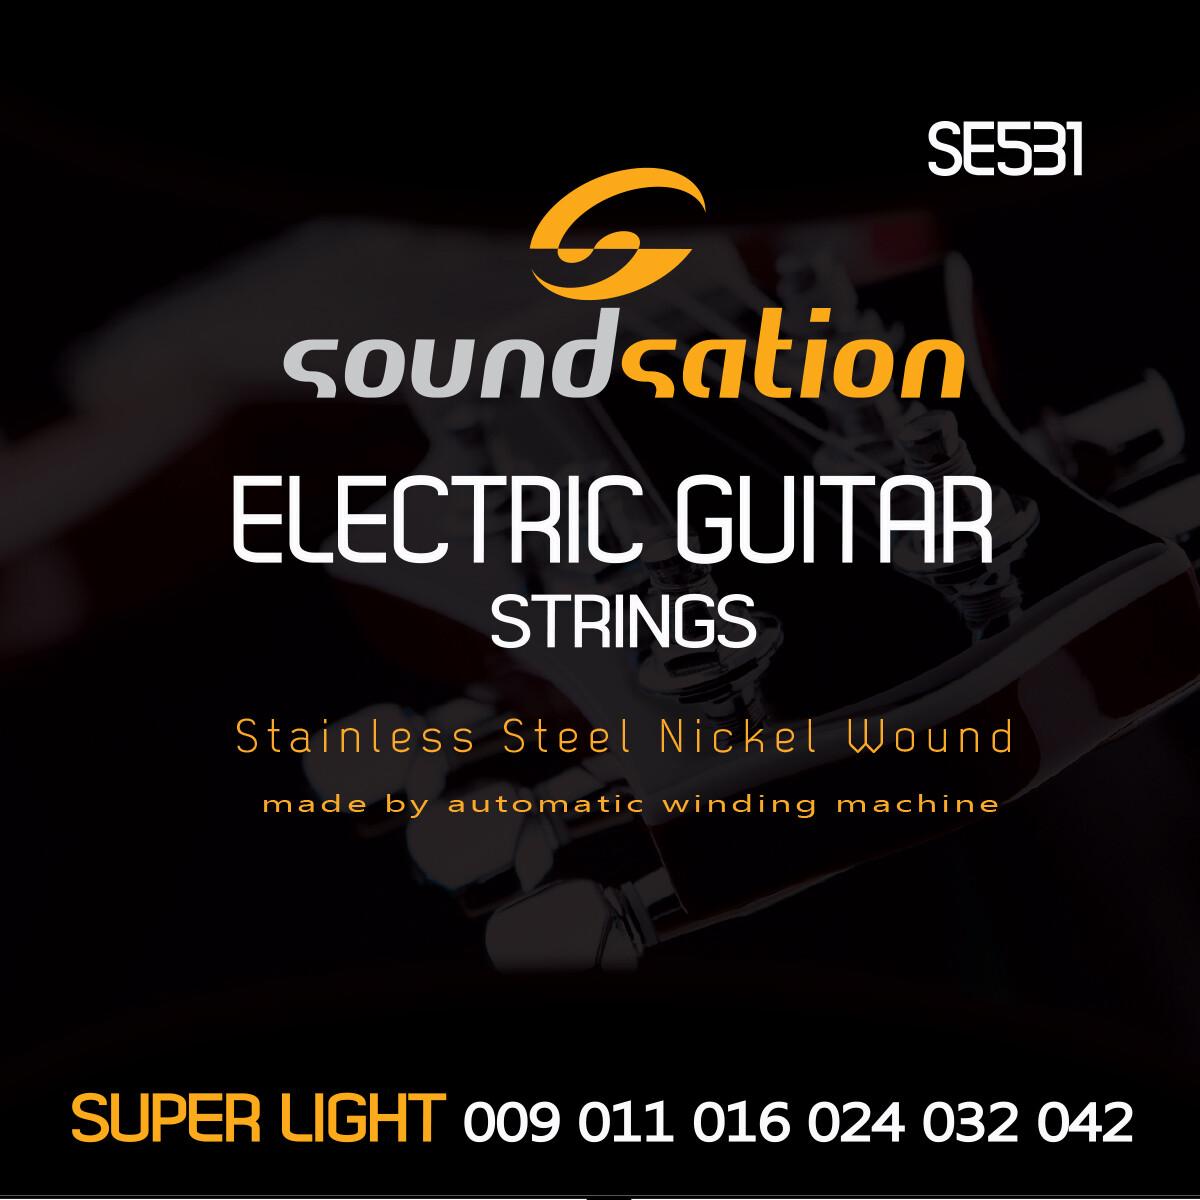 Electric Guitar String super light SE 531